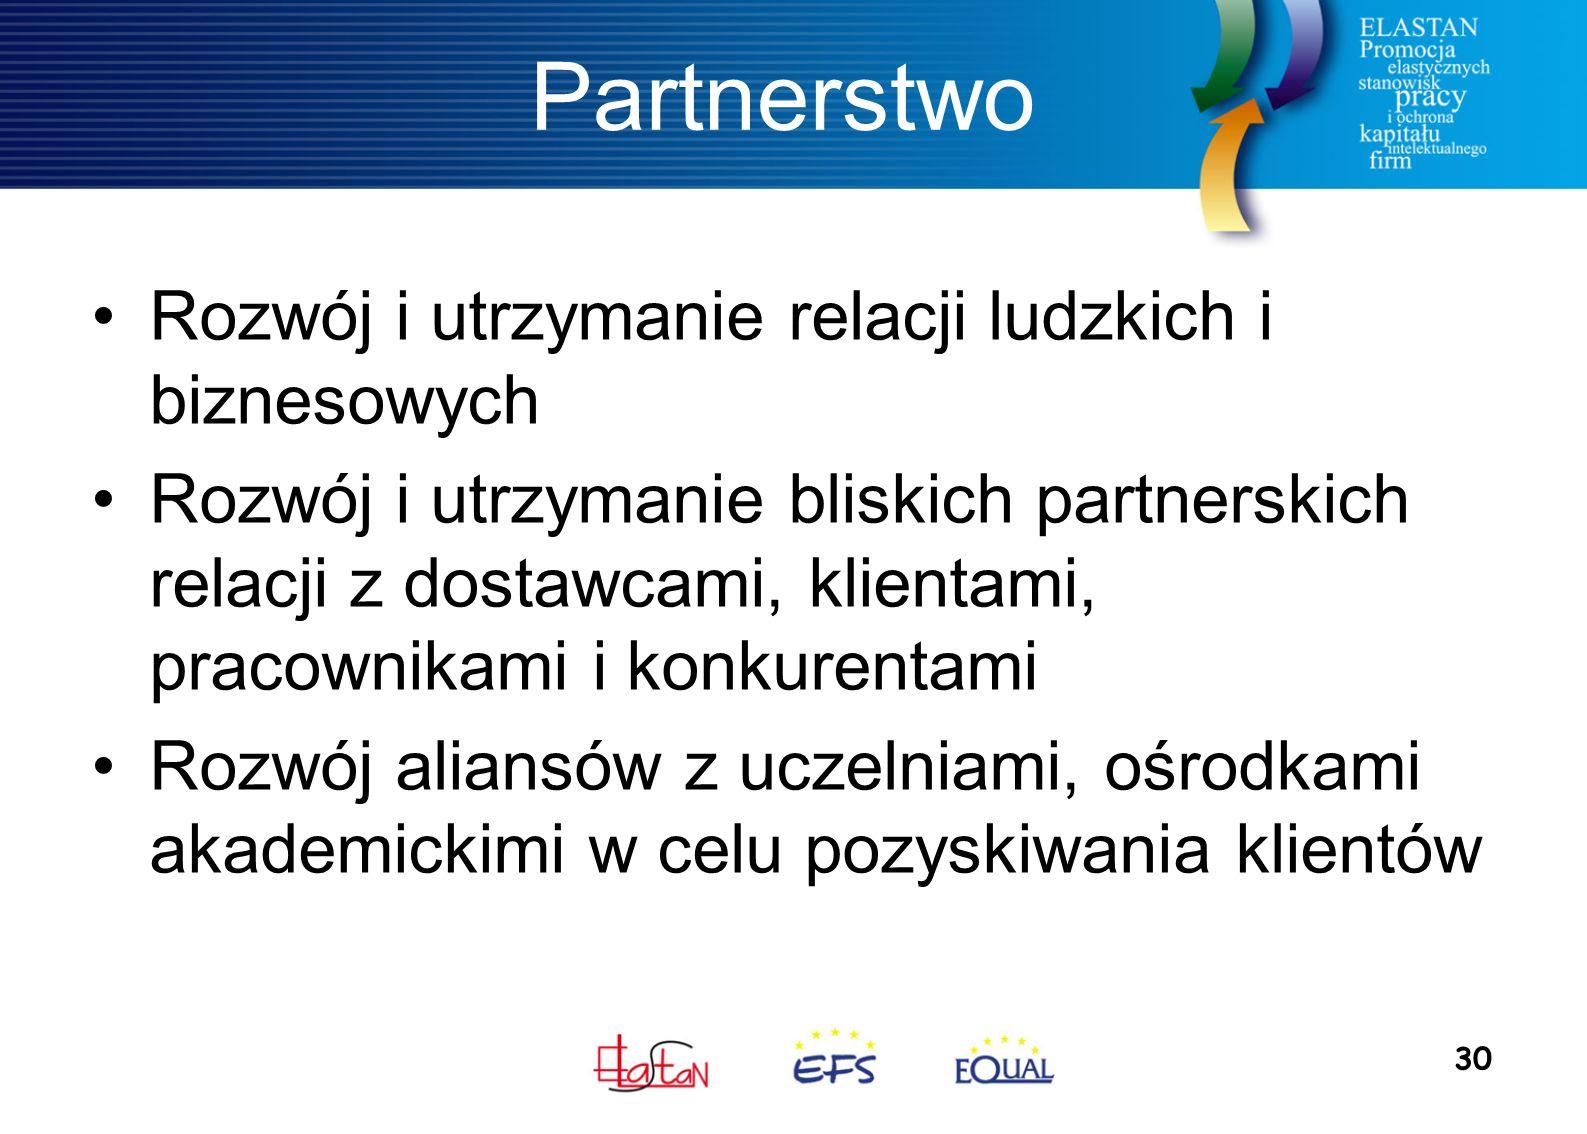 30 Partnerstwo Rozwój i utrzymanie relacji ludzkich i biznesowych Rozwój i utrzymanie bliskich partnerskich relacji z dostawcami, klientami, pracownikami i konkurentami Rozwój aliansów z uczelniami, ośrodkami akademickimi w celu pozyskiwania klientów